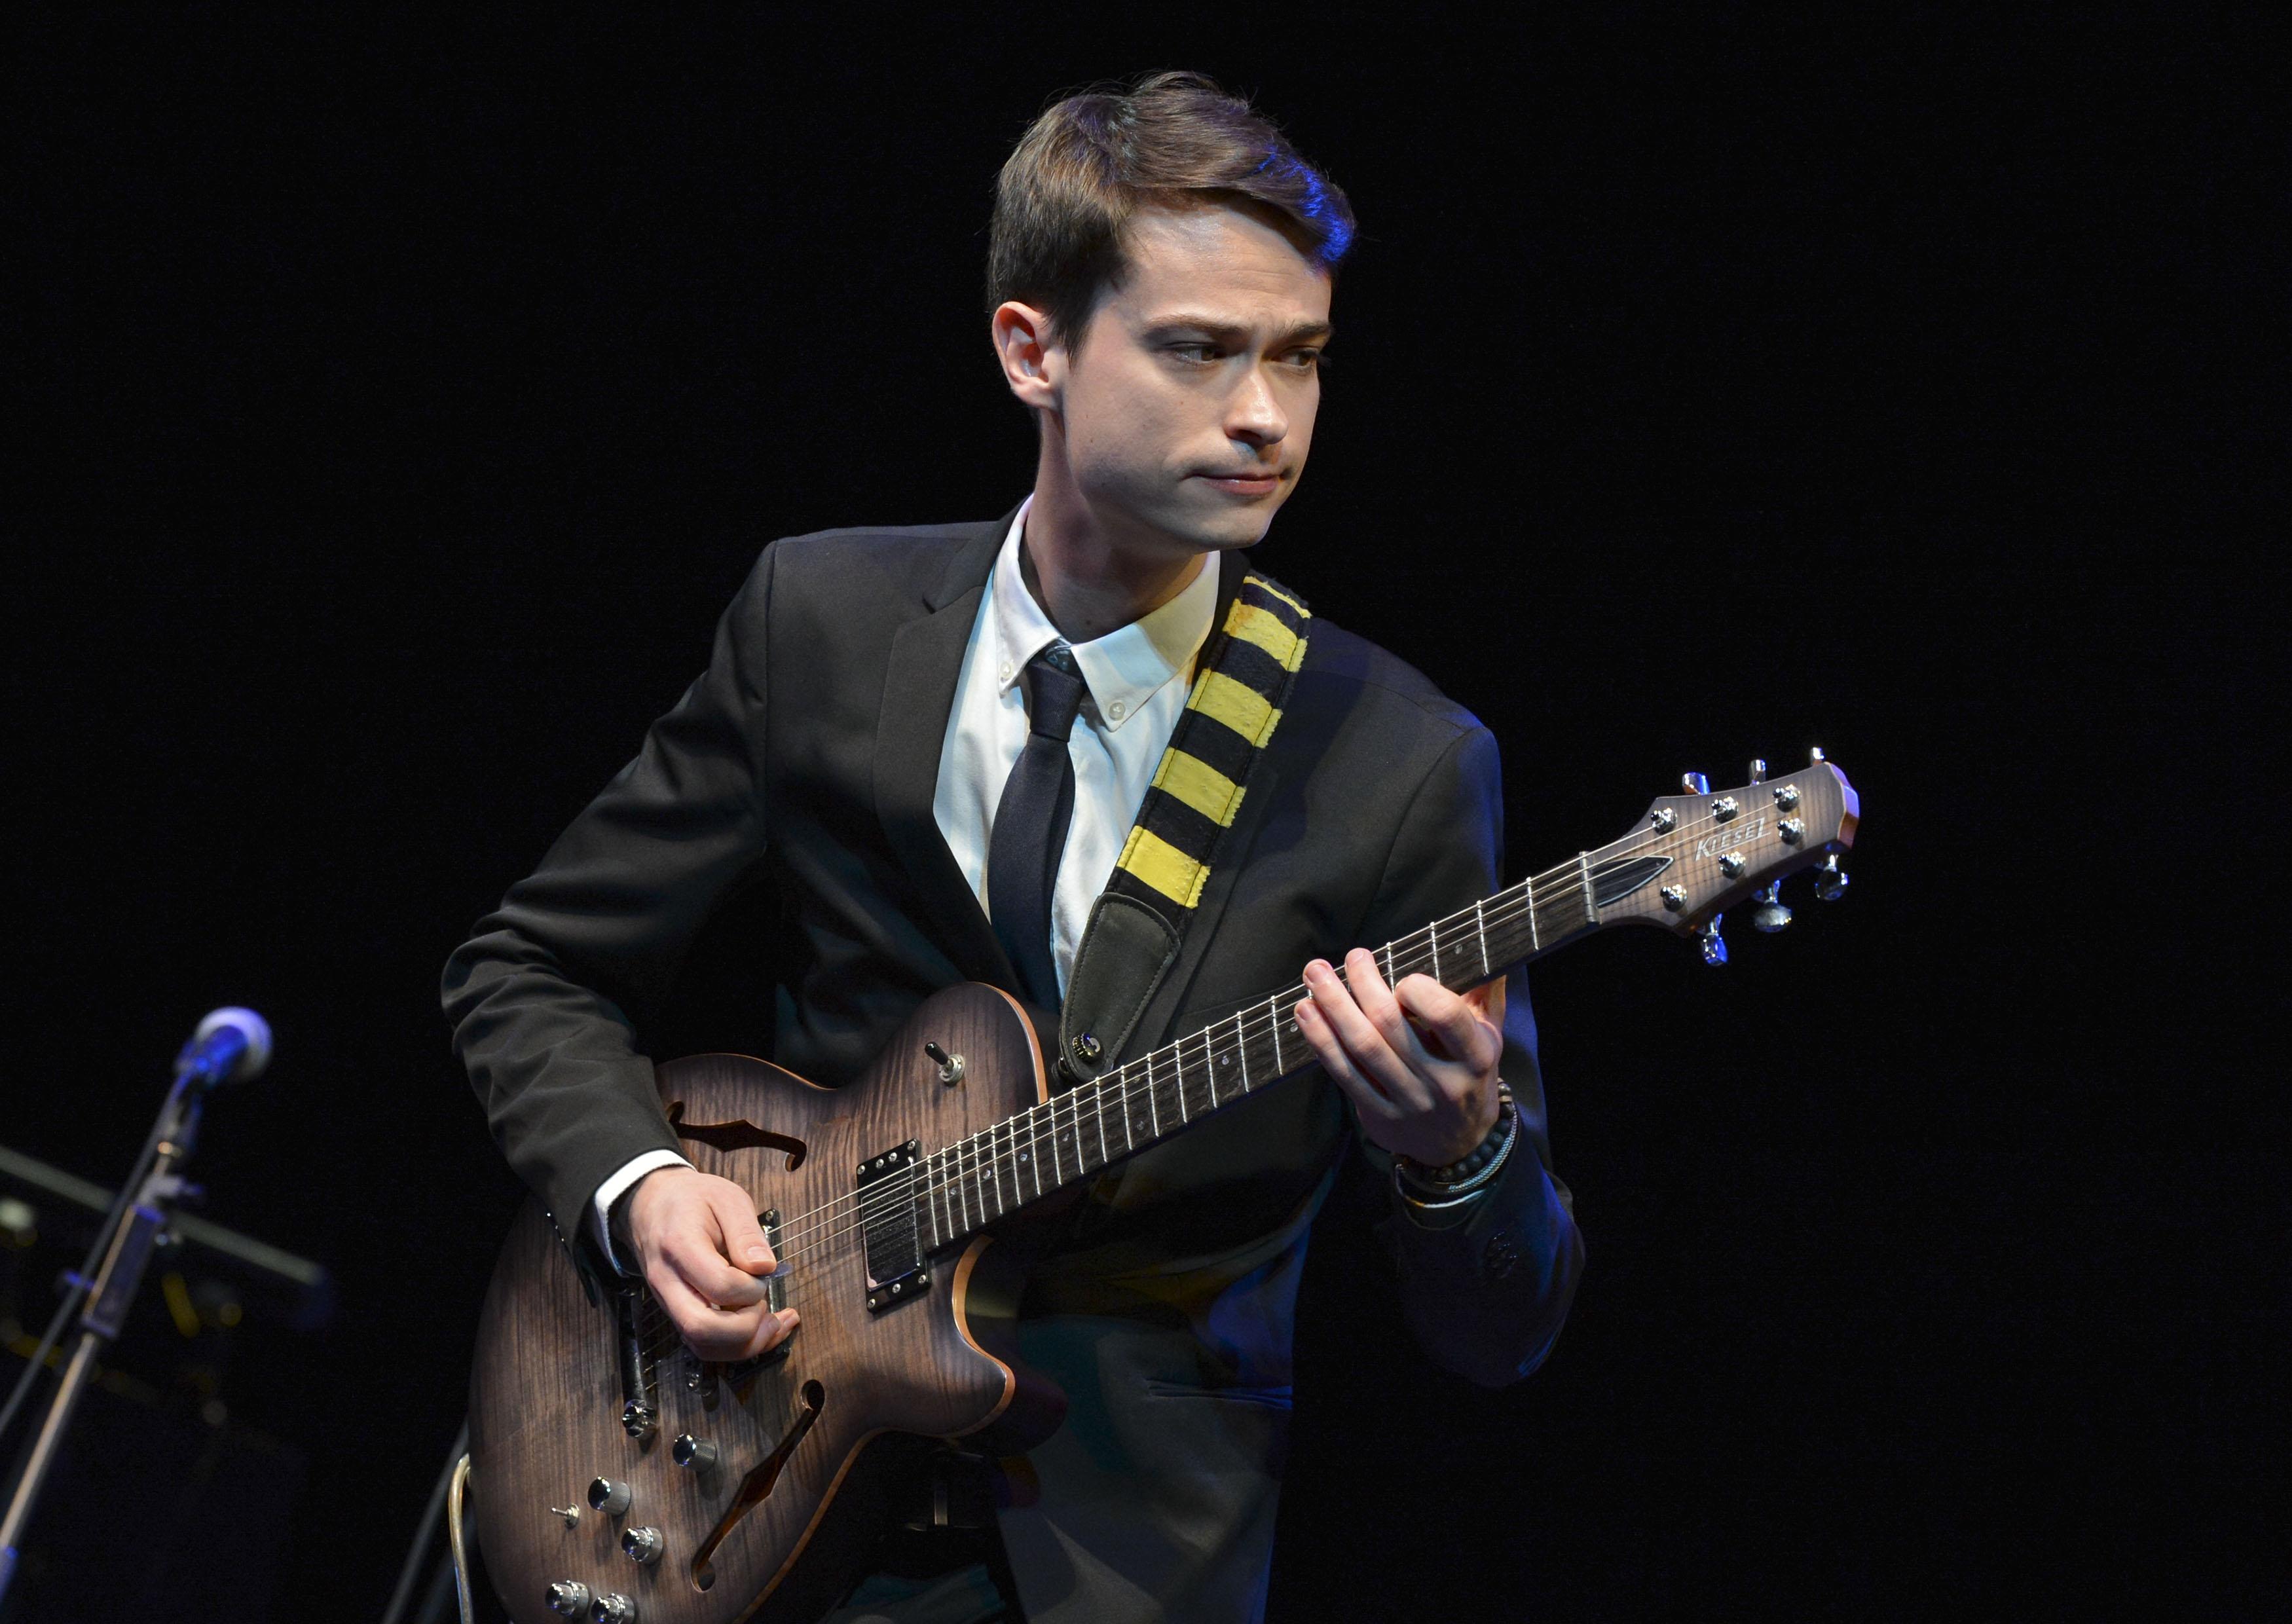 Музыкант из России в первый раз в истории стал победителем известного джазового конкурса США